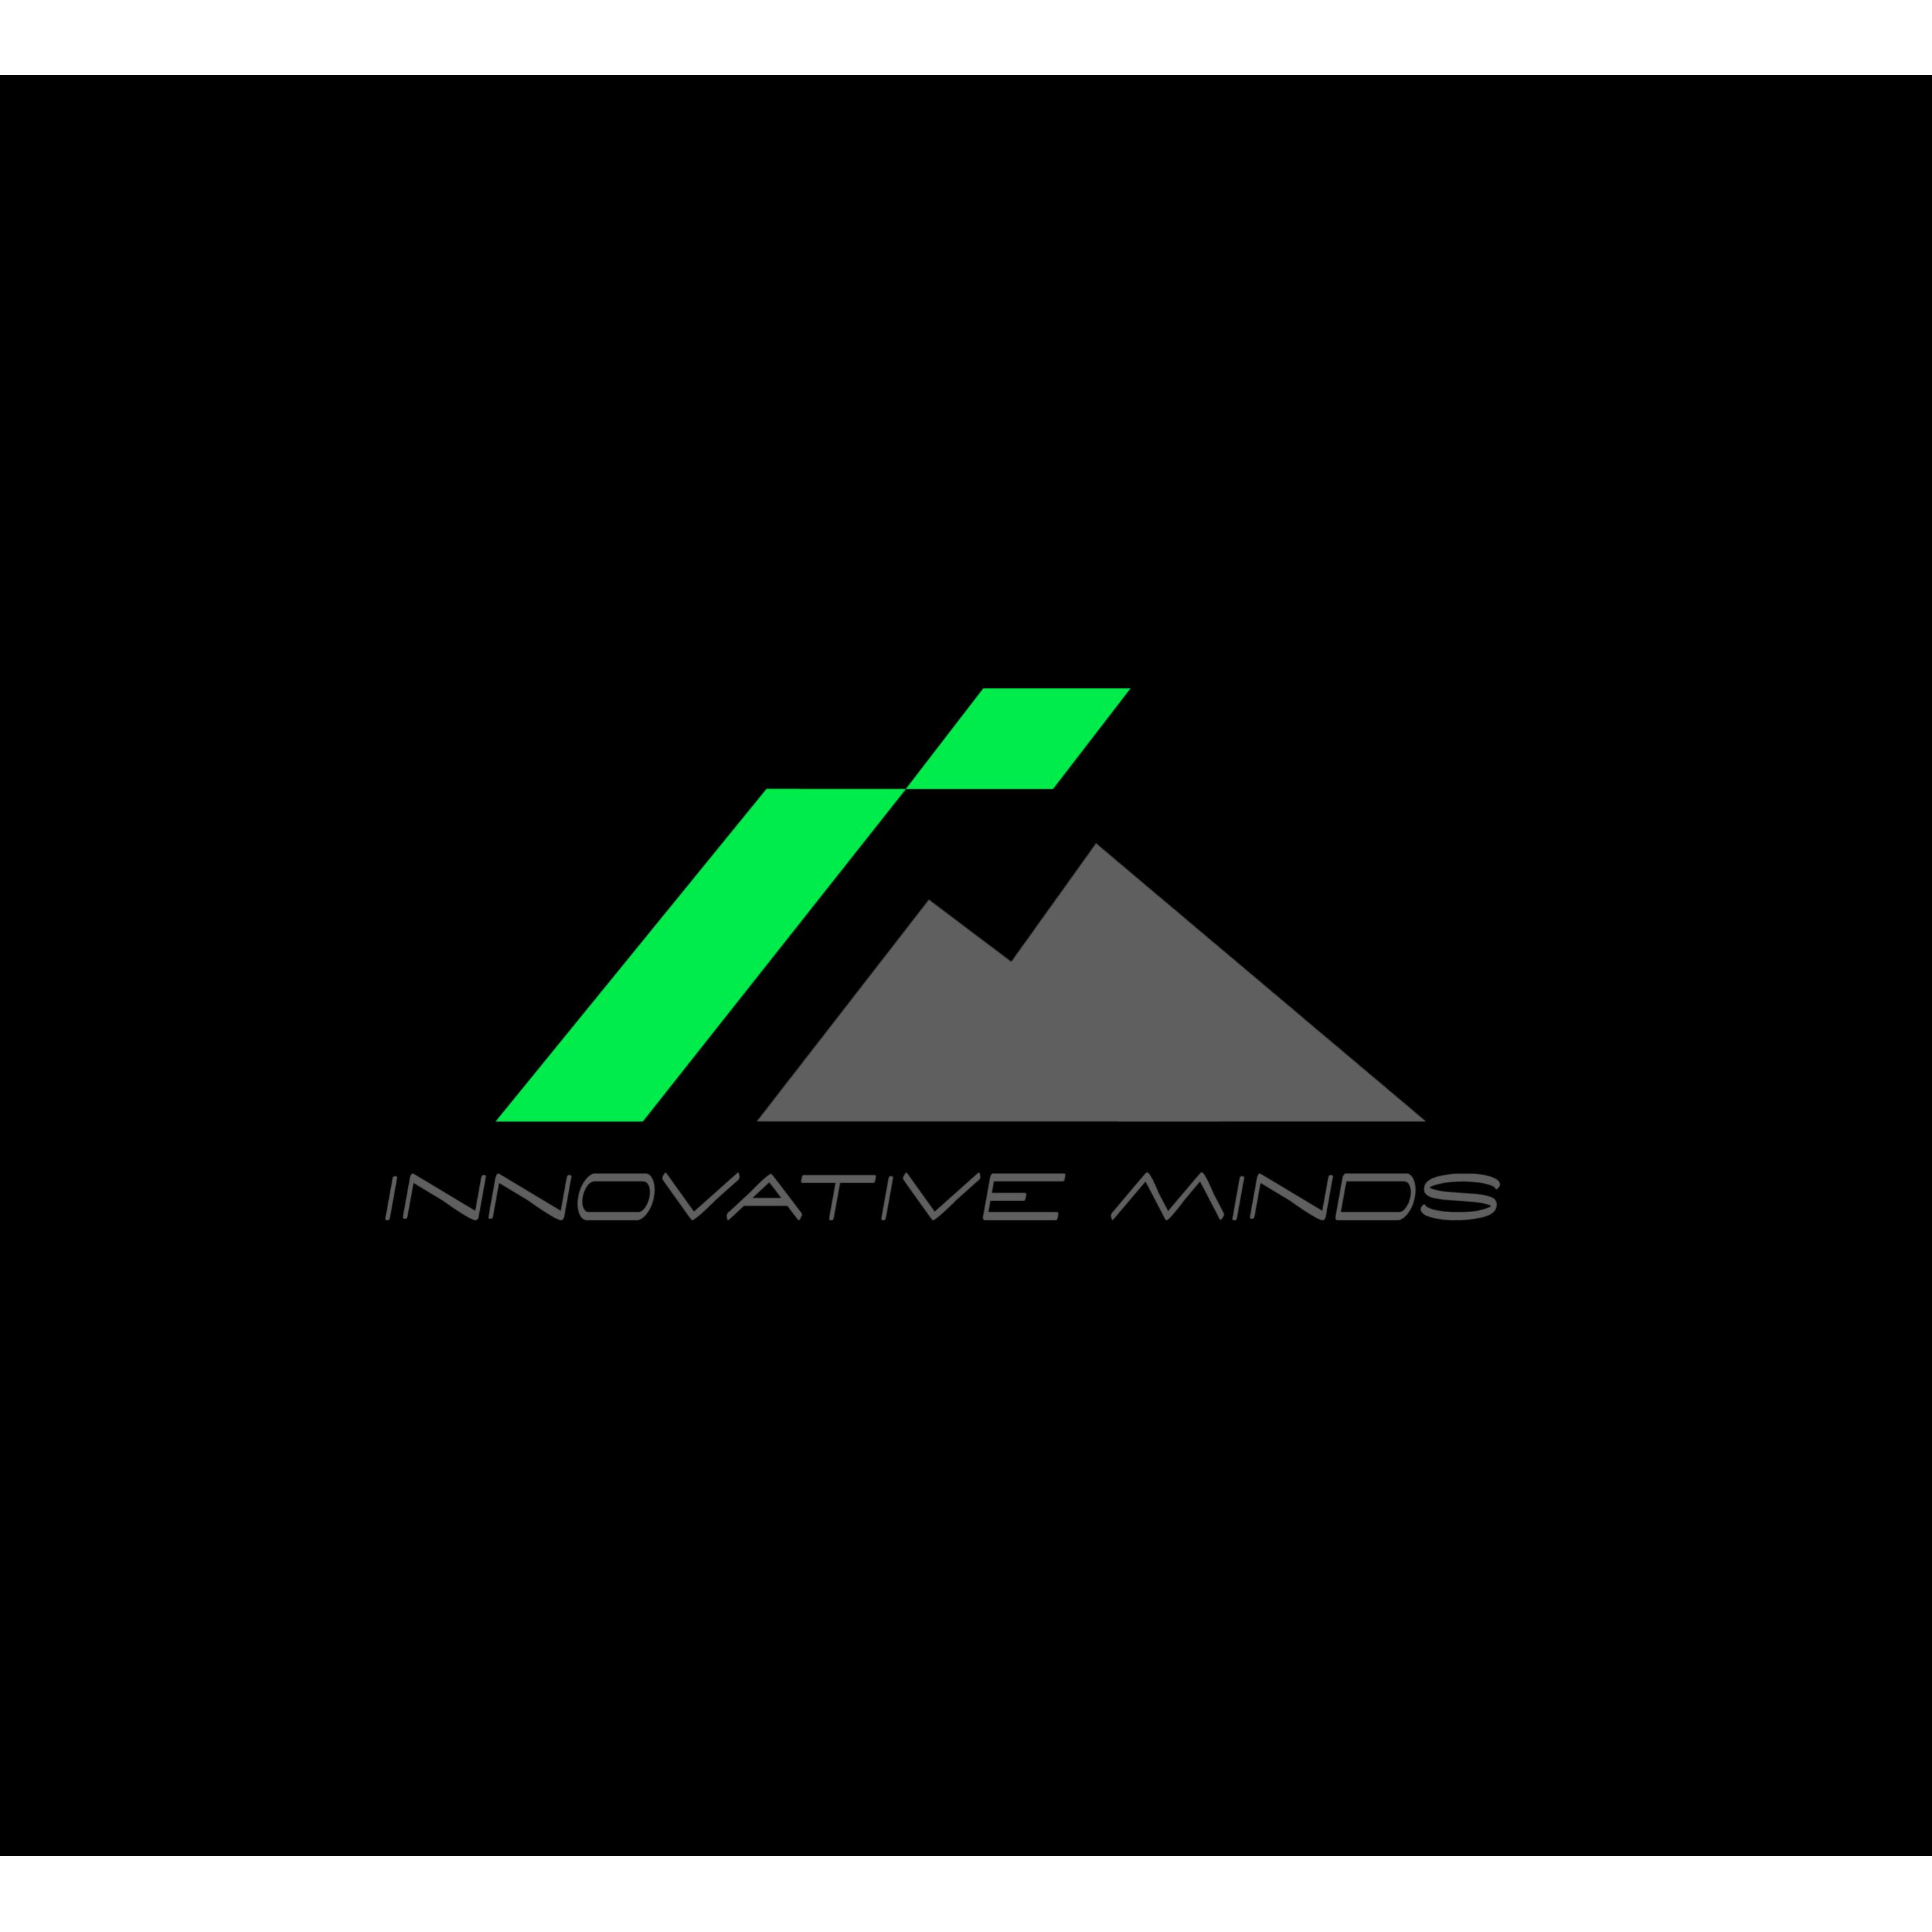 Innovative Minds